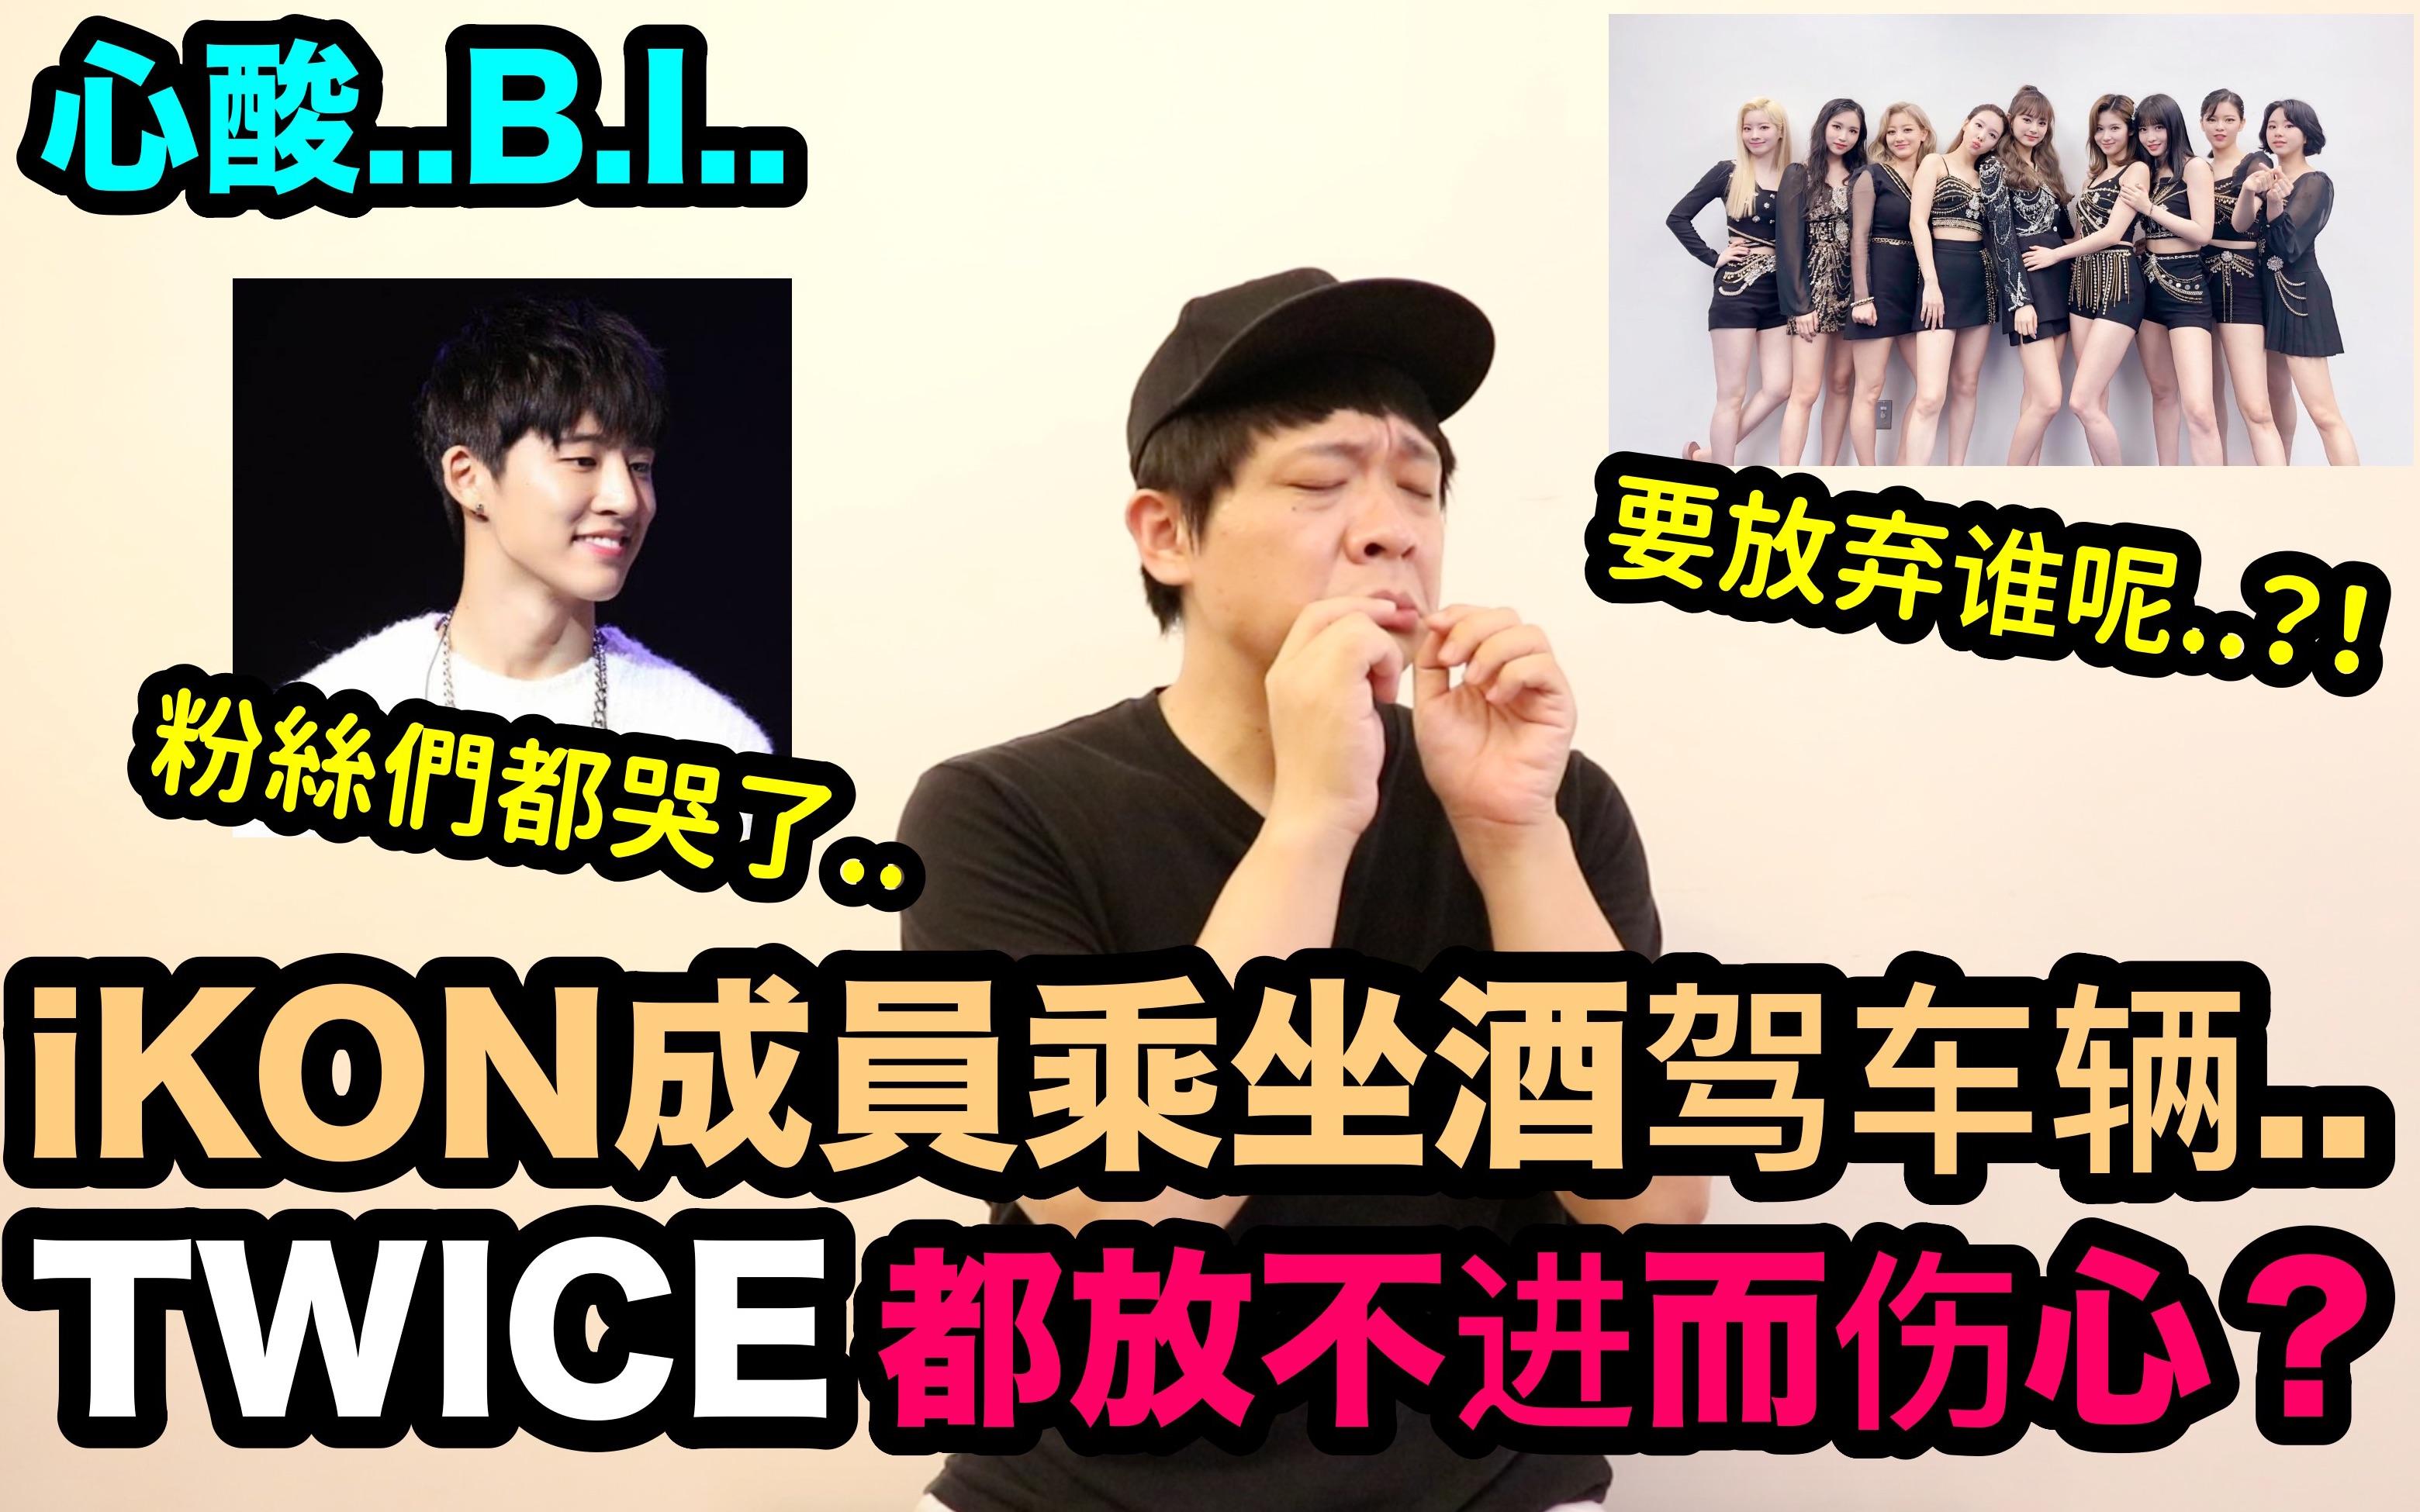 心酸..iKON粉丝们都哭了../TWICE成员们都放不进去而伤心的粉丝? |DenQ